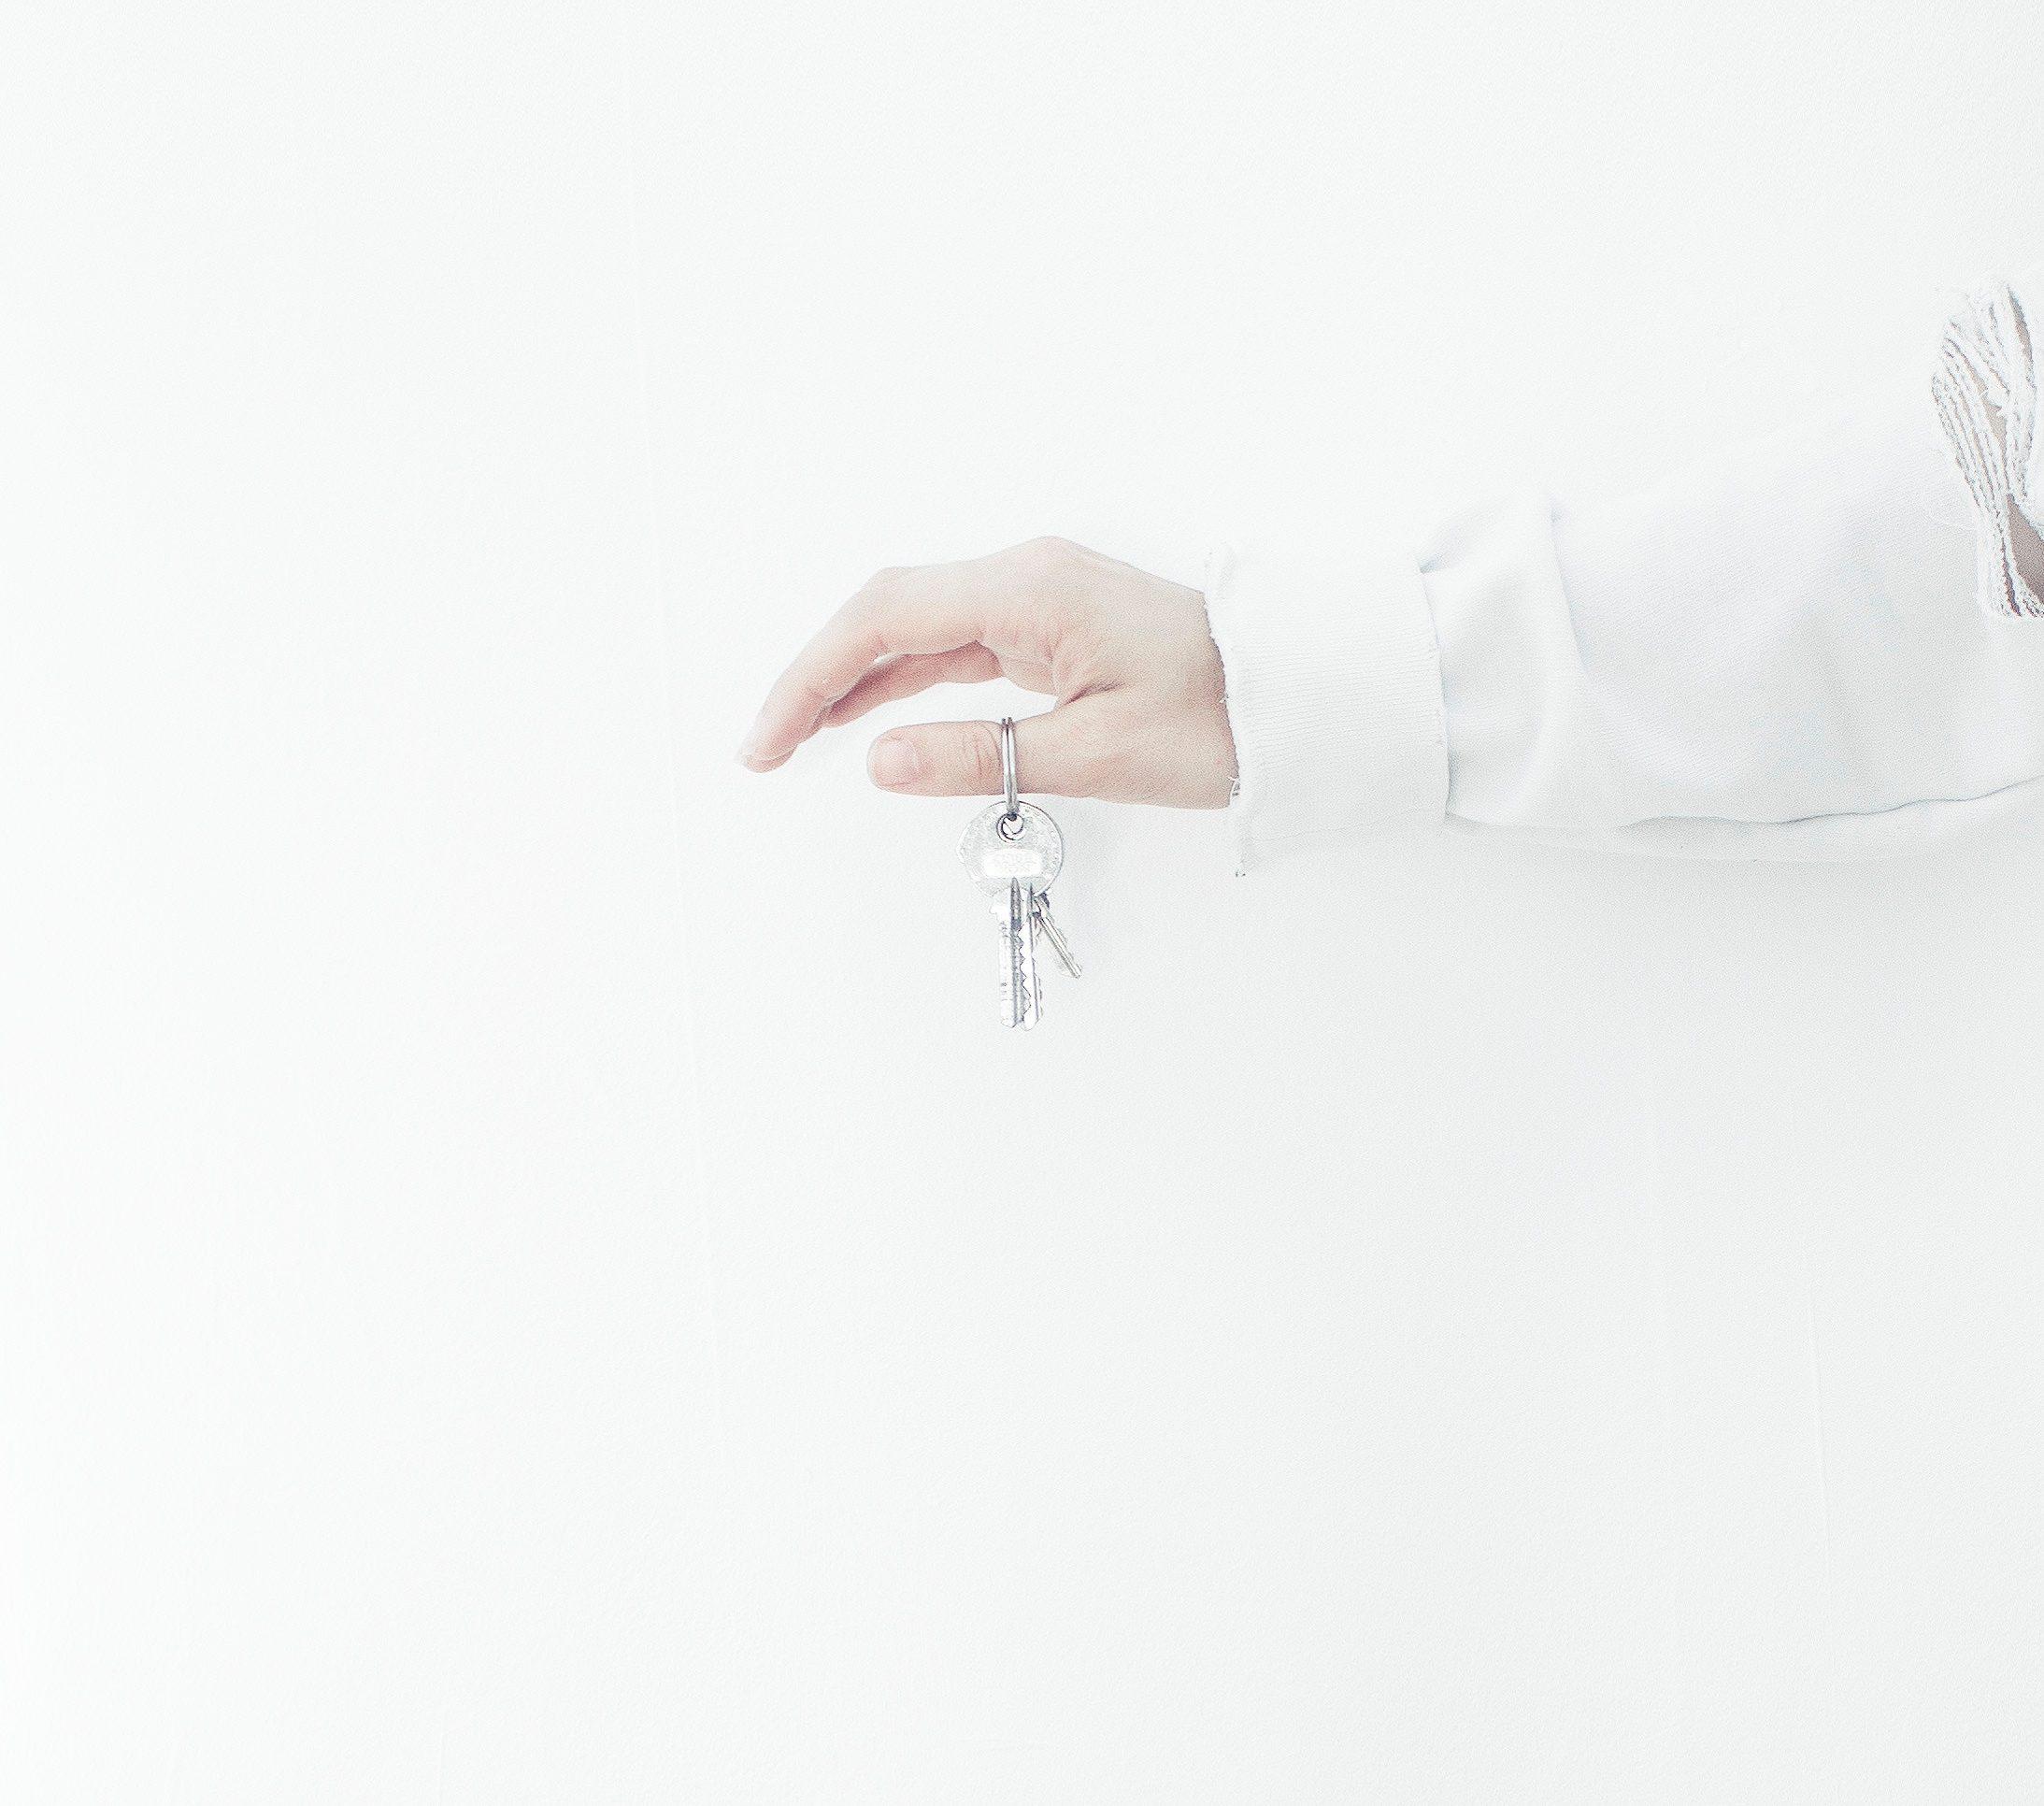 Ouvrir son agence immobilière : indépendante ou franchisée ?